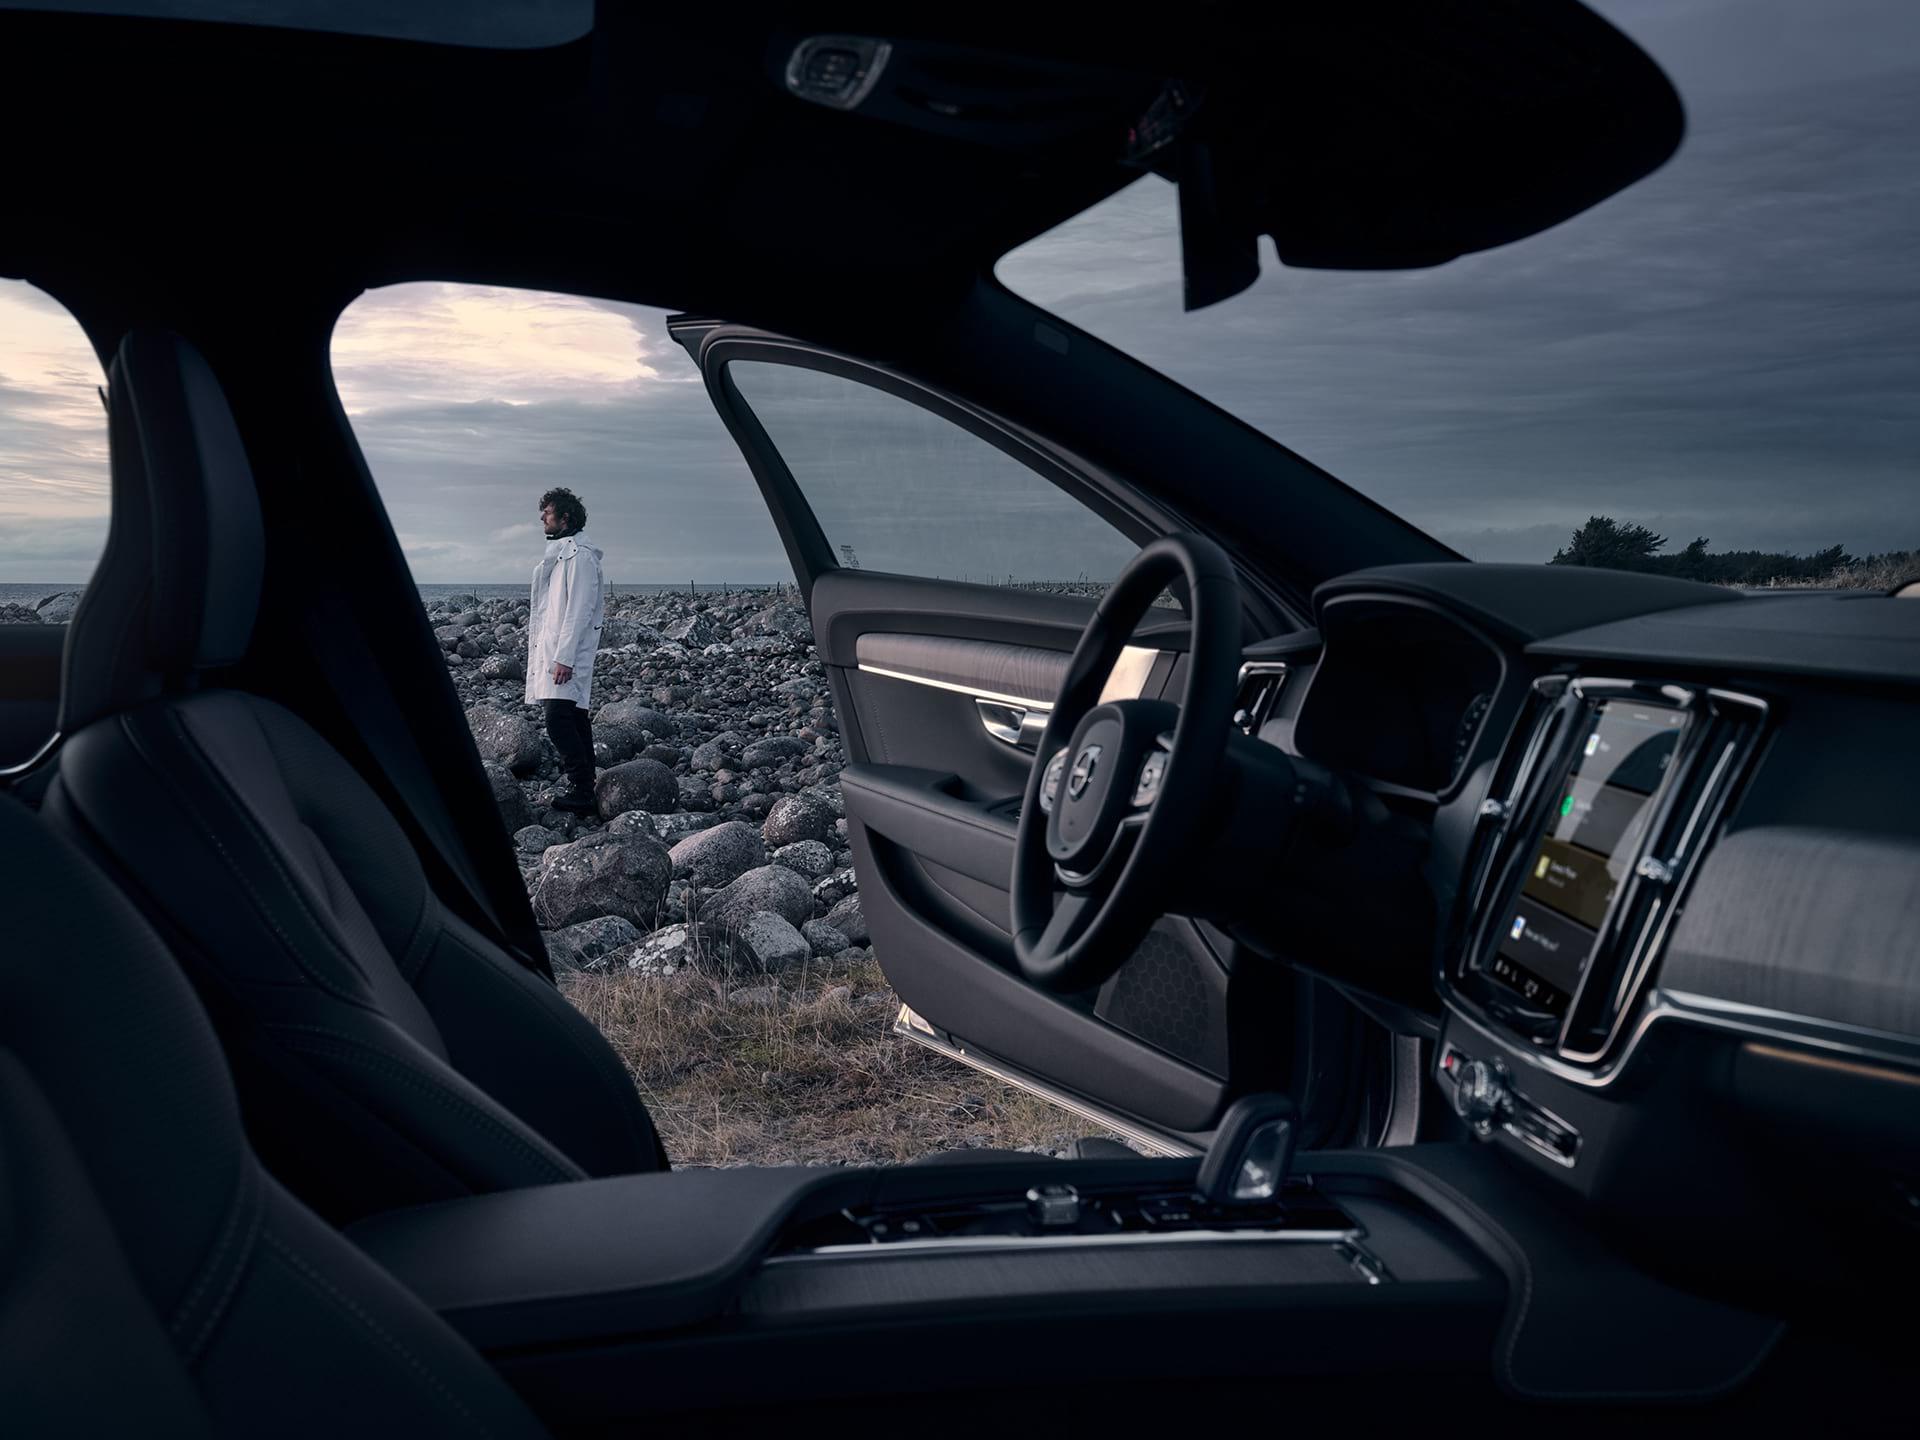 Interno di una V90 Cross Country con interni neri, con un uomo all'esterno.